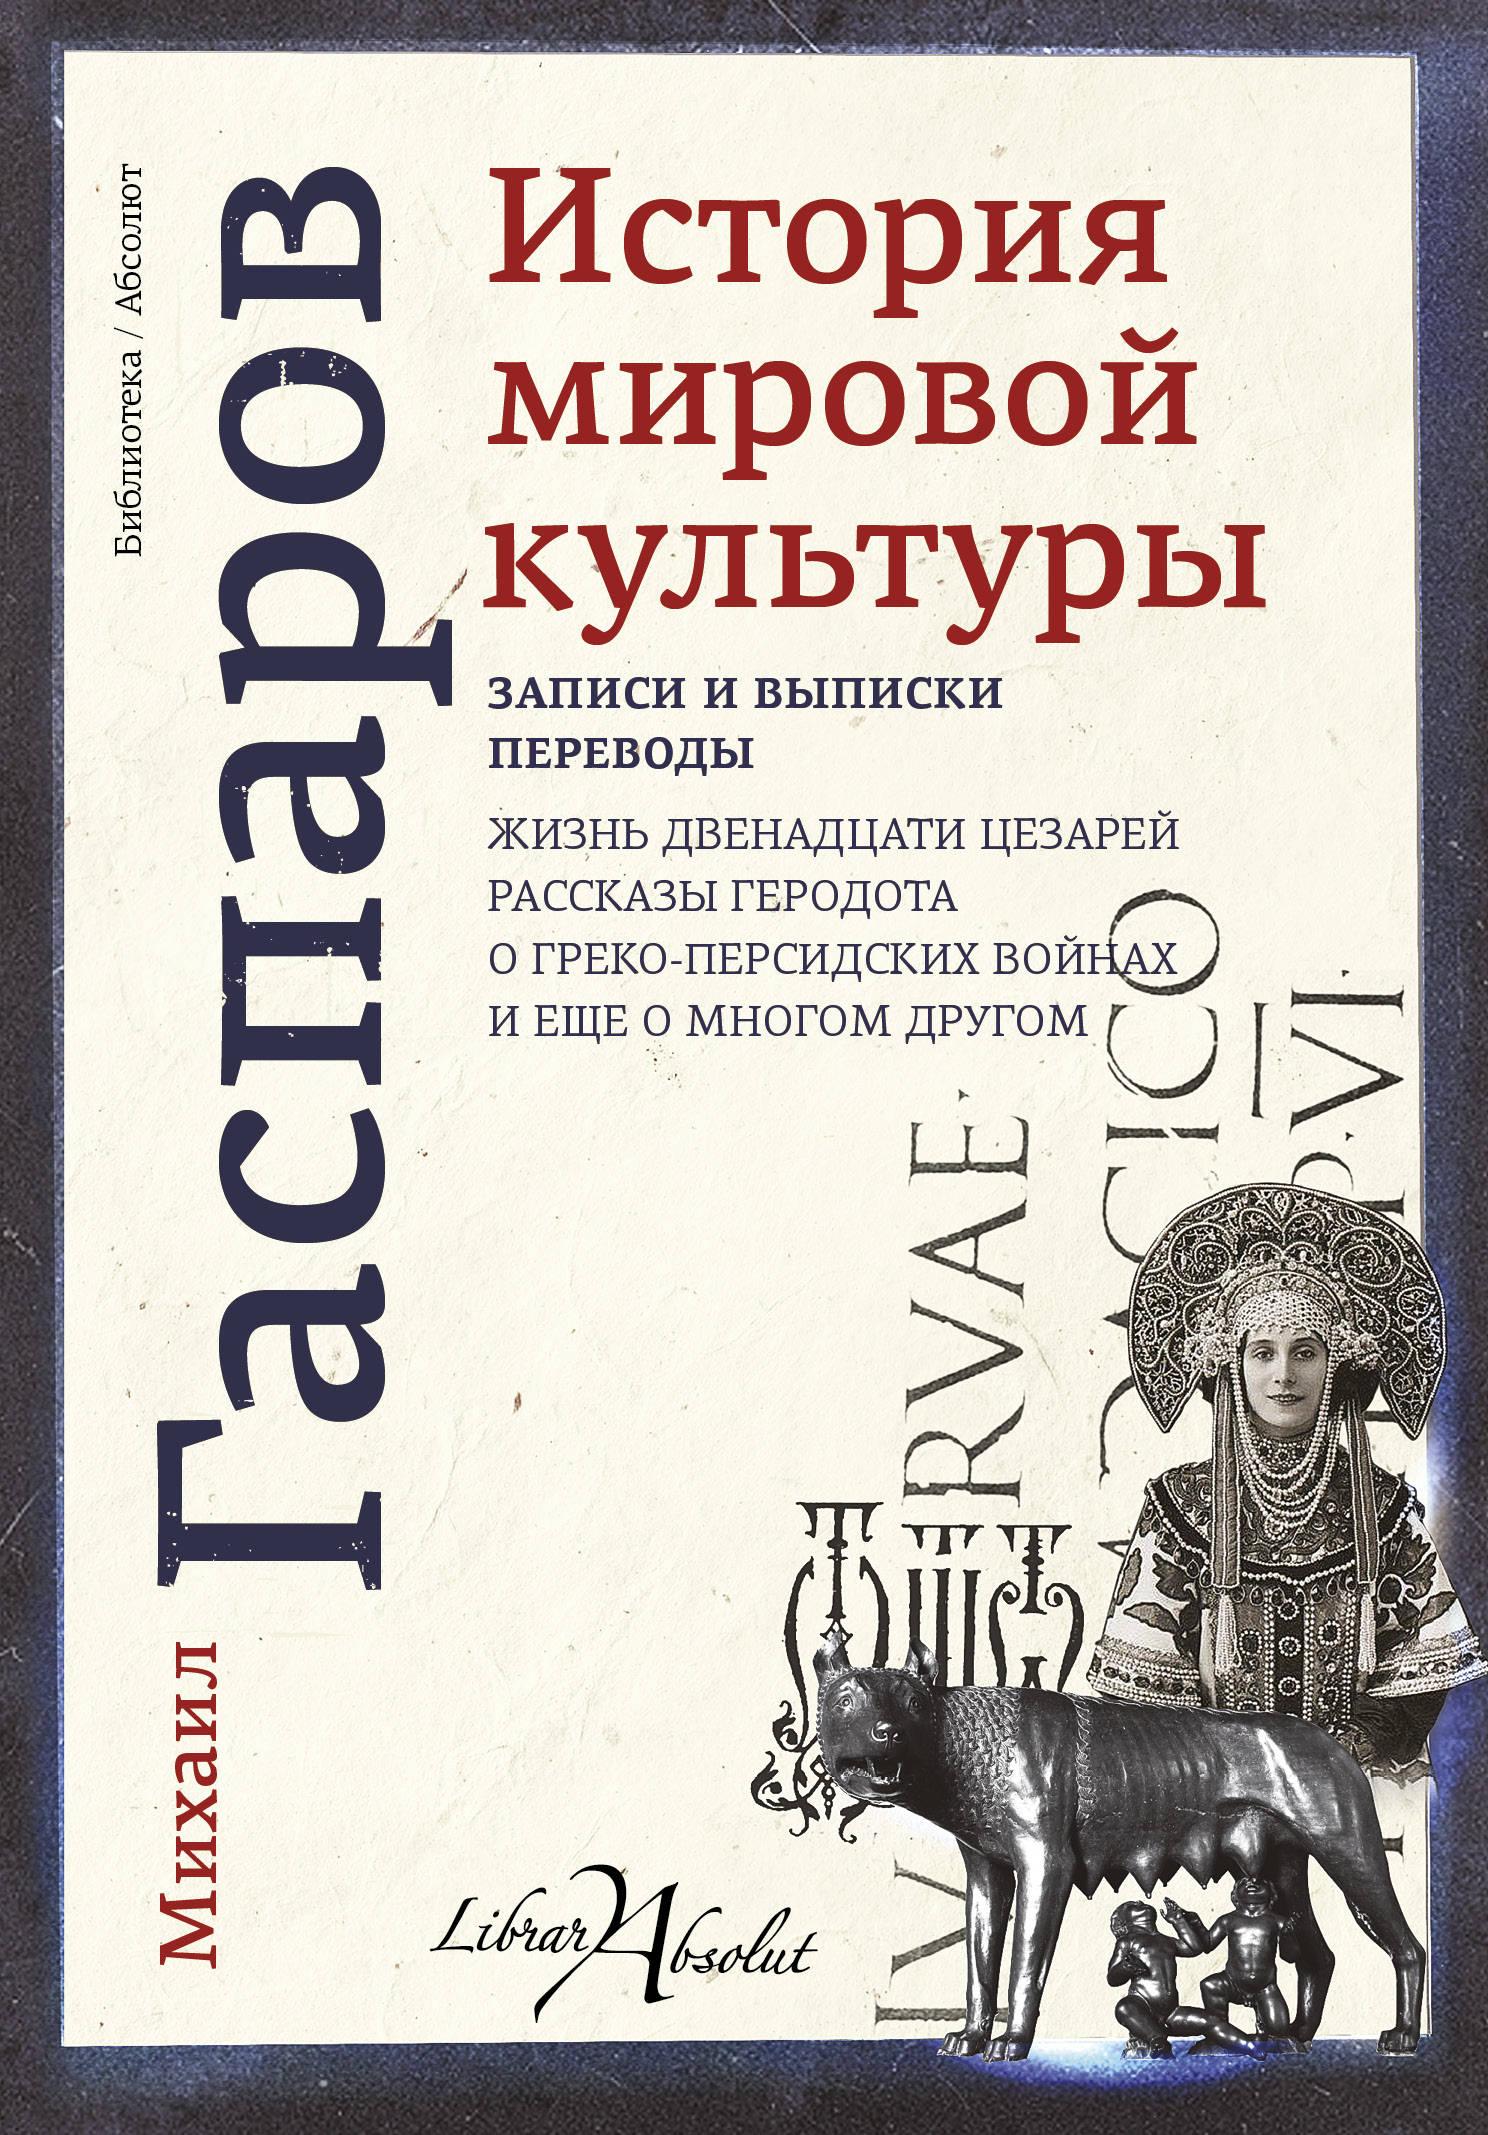 Гаспаров М.Л. История мировой культуры